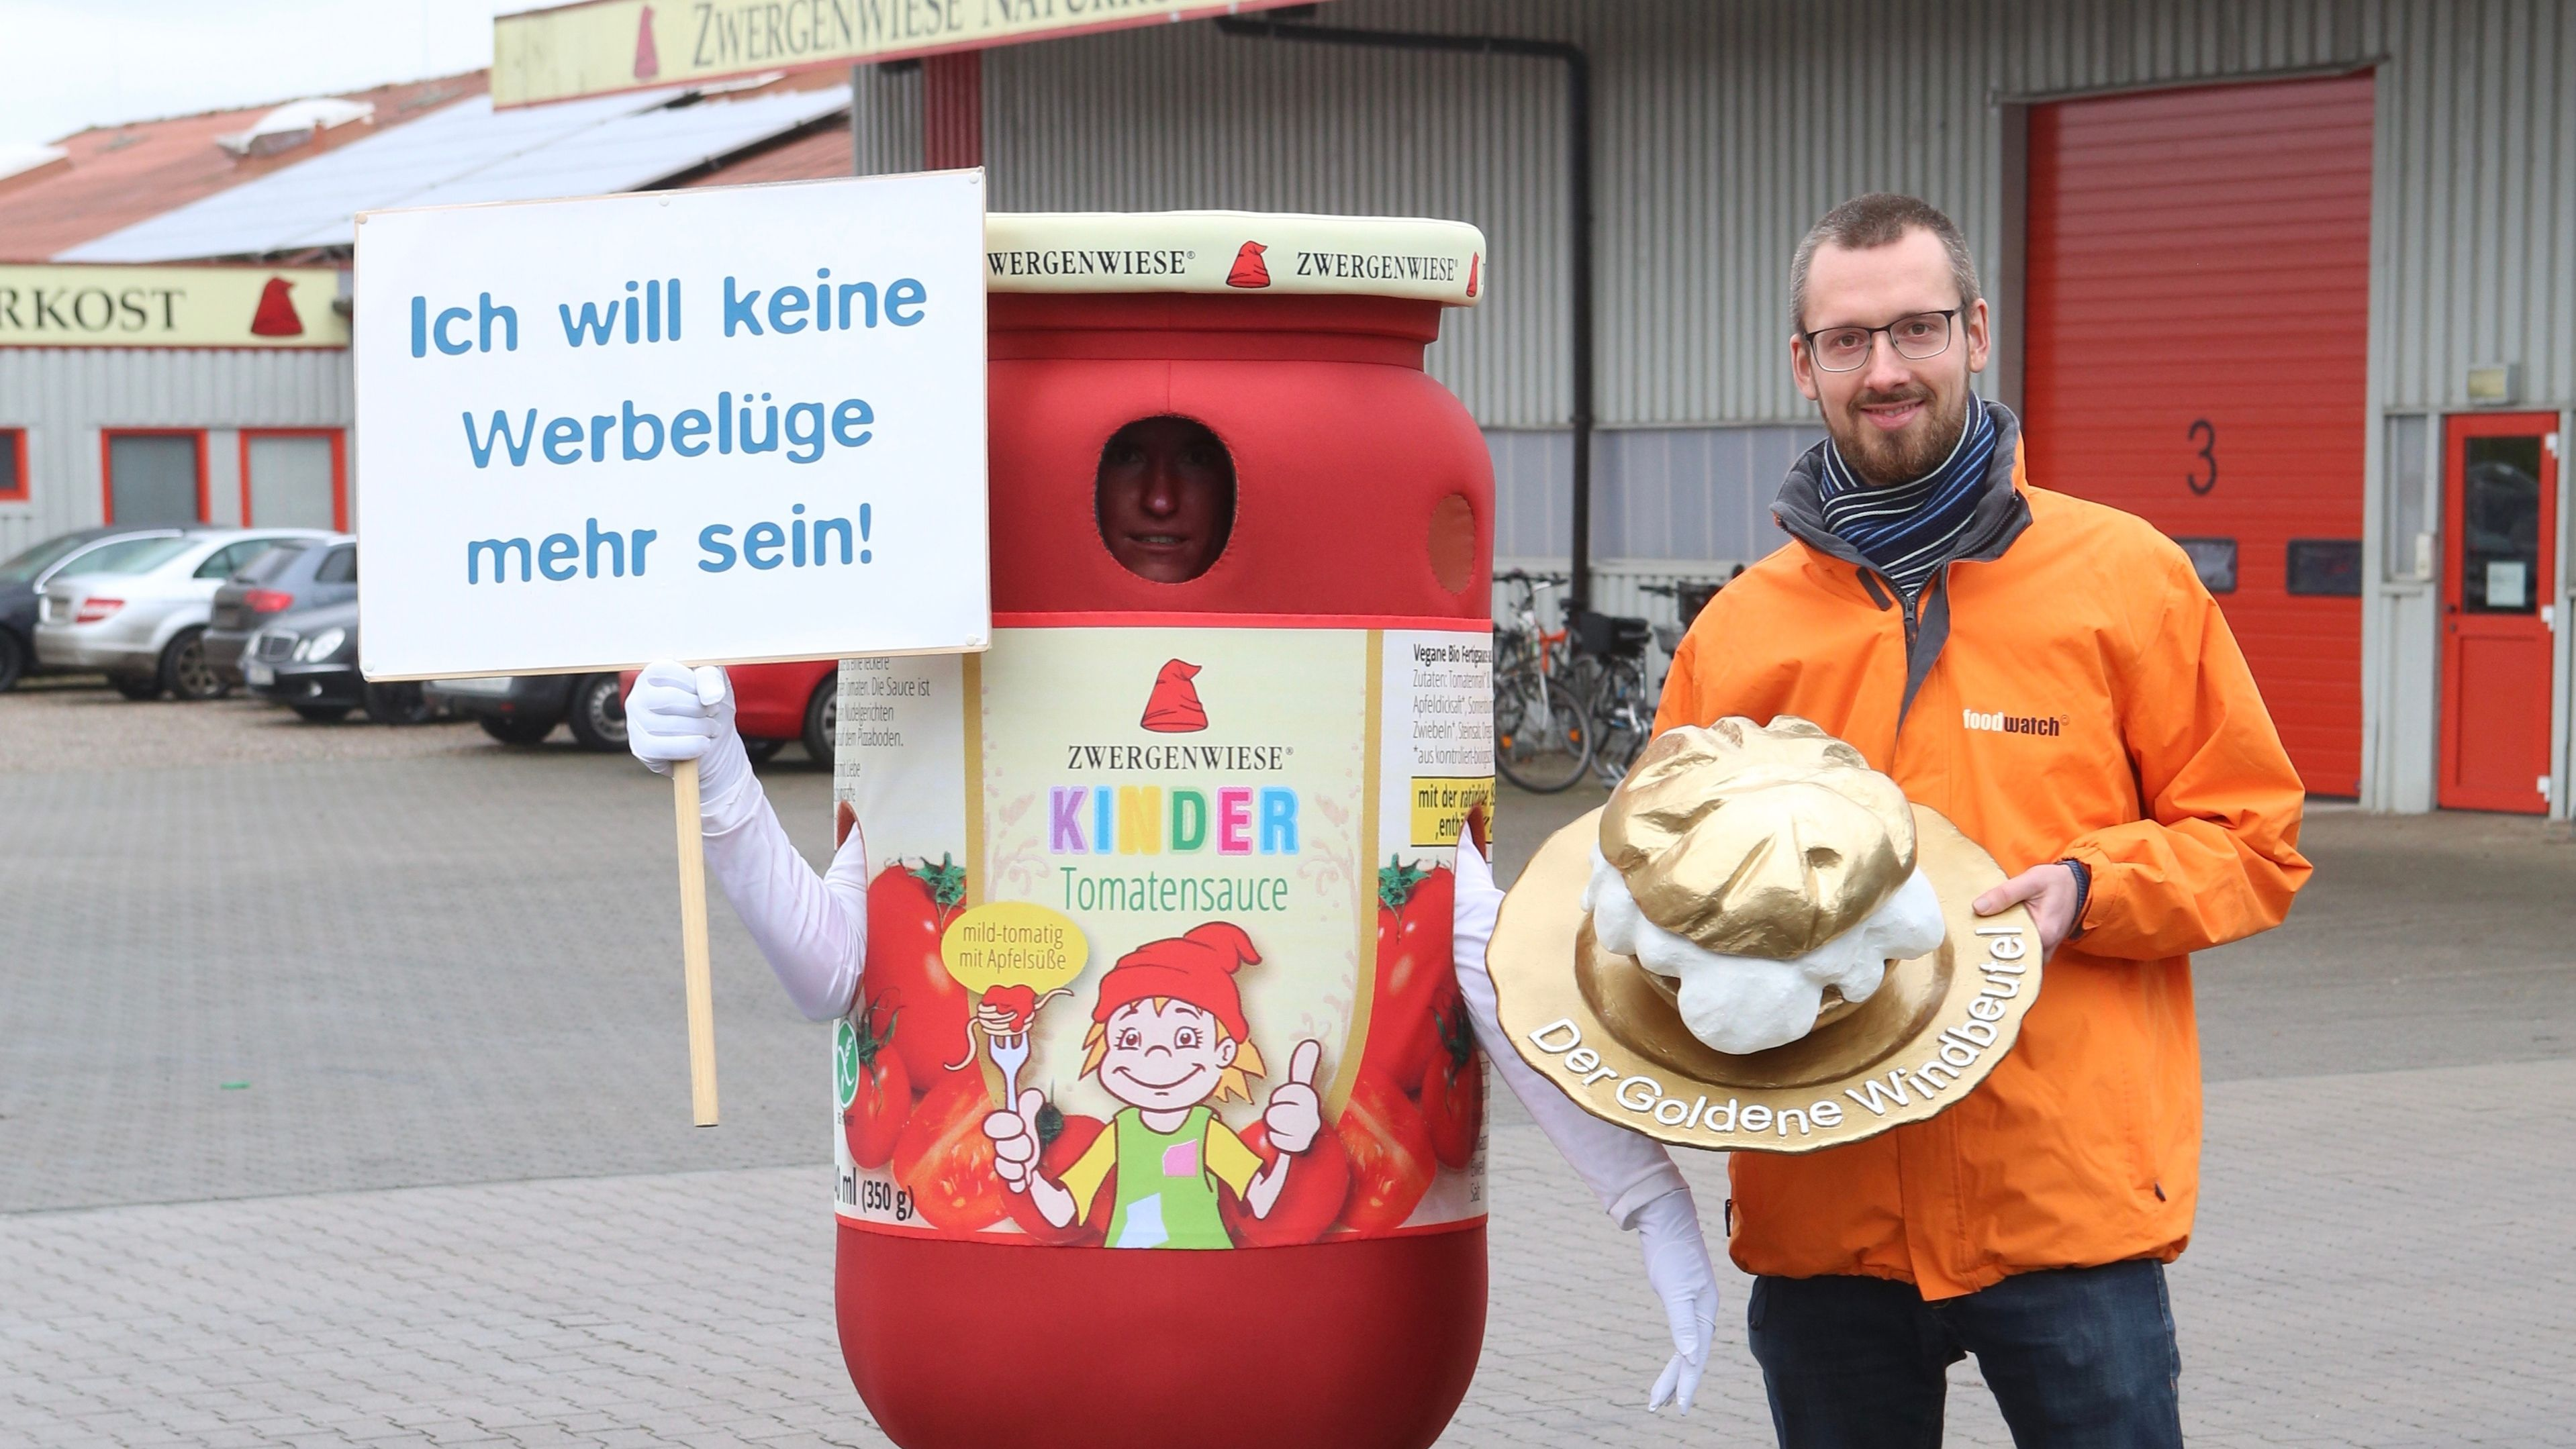 Die Kinder-Tomatensauce des Bio-Herstellers Zwergenwiese bekommt den Goldenen Windbeutel überreicht